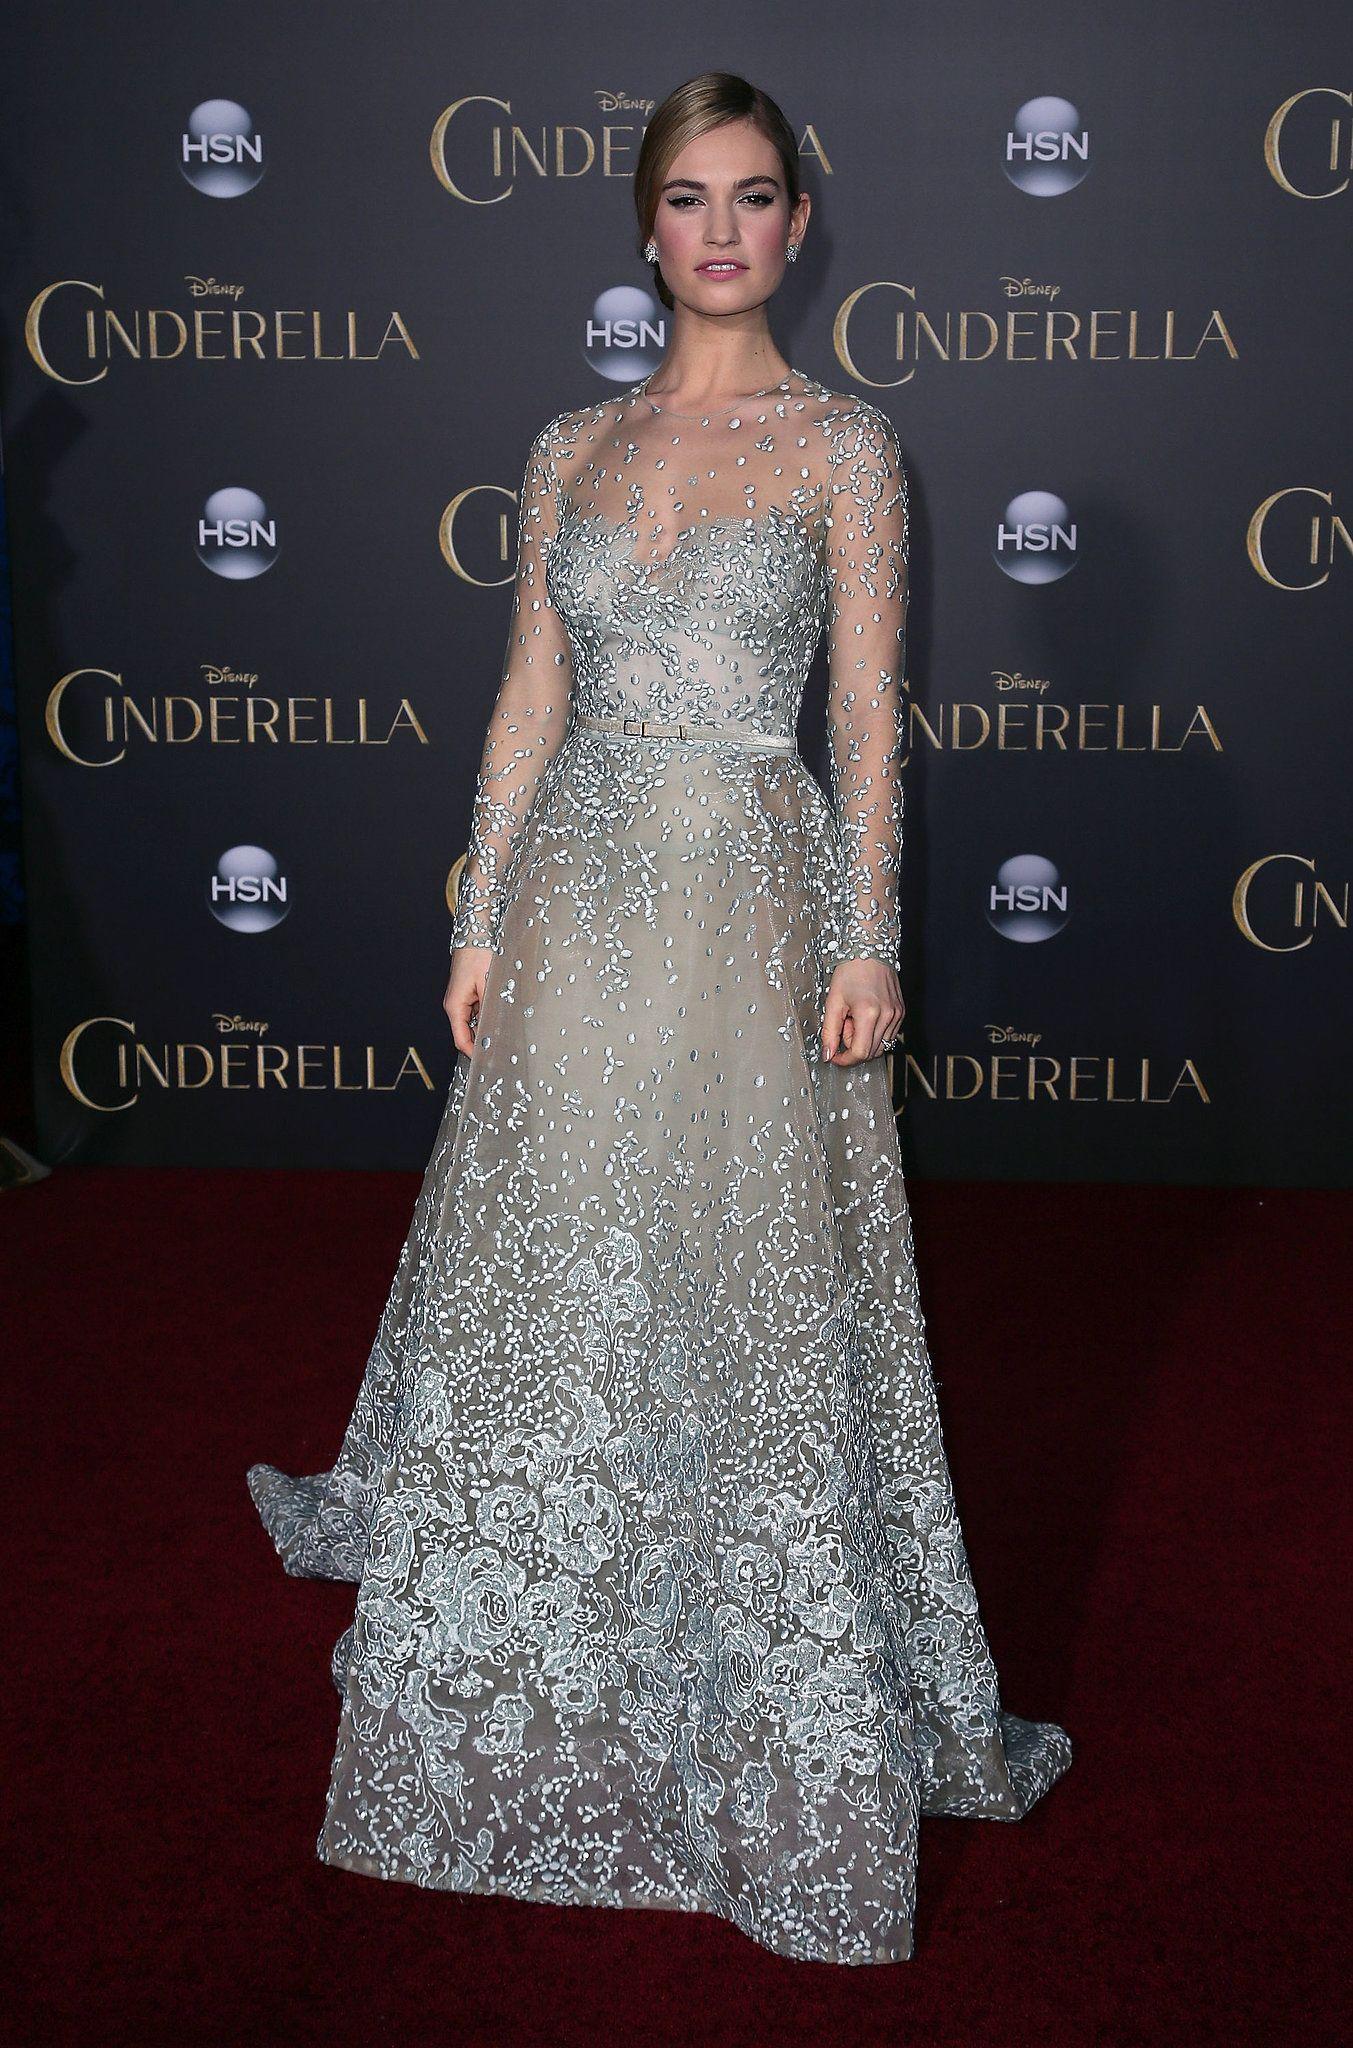 Lily James in Elie Saab bei der Premiere von Cinderella in Los Angeles